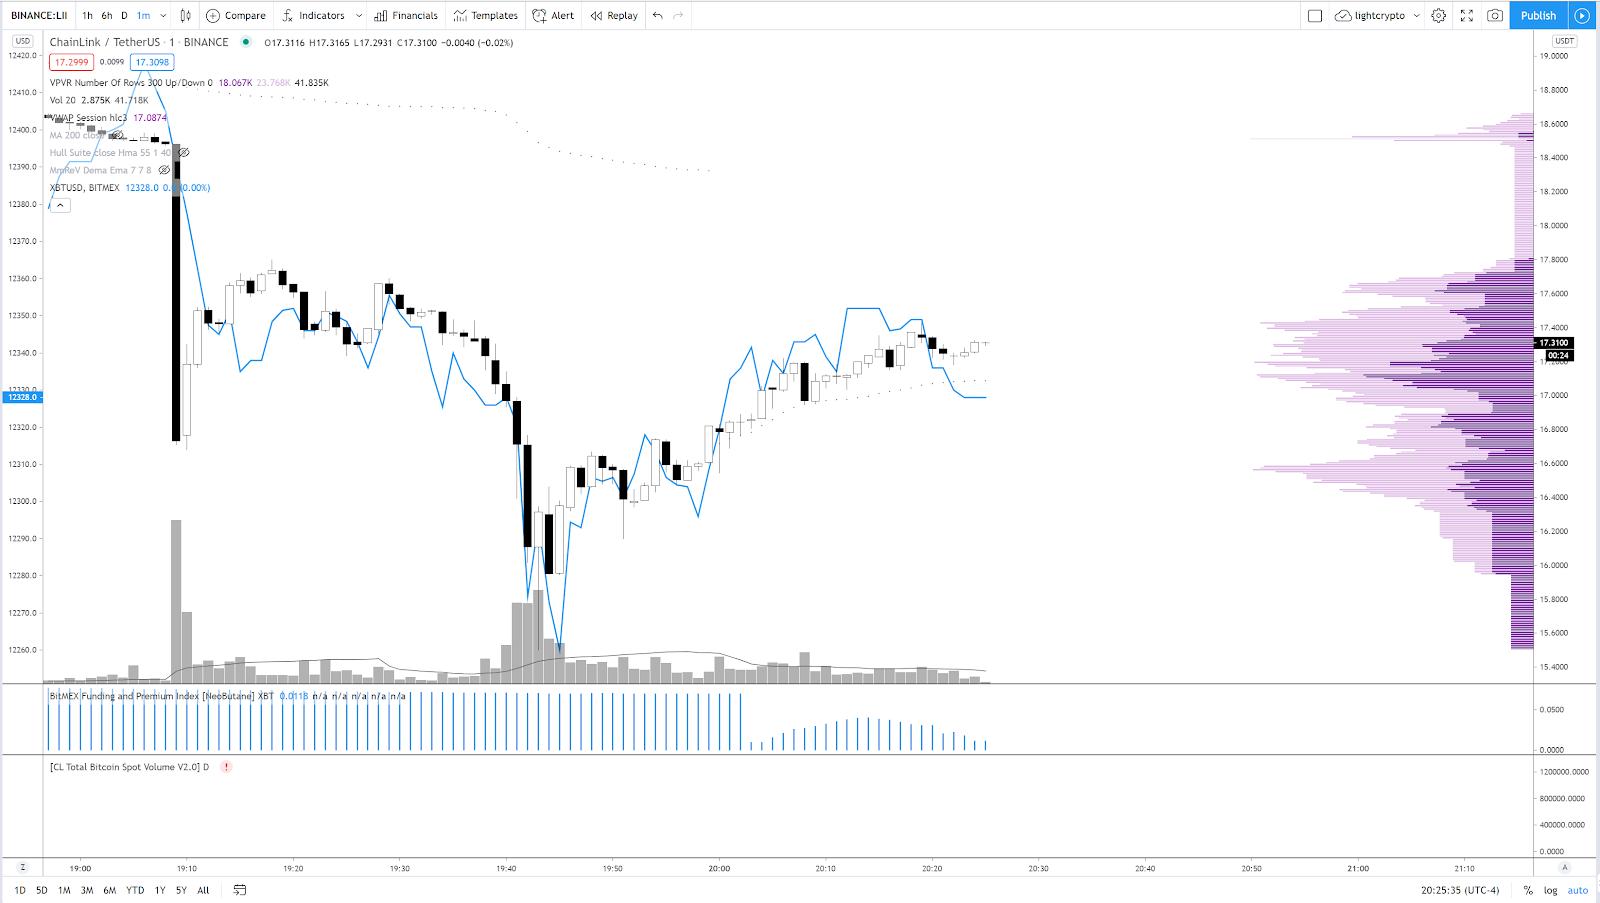 Gráfico do preço do LINK pelo trader Light.